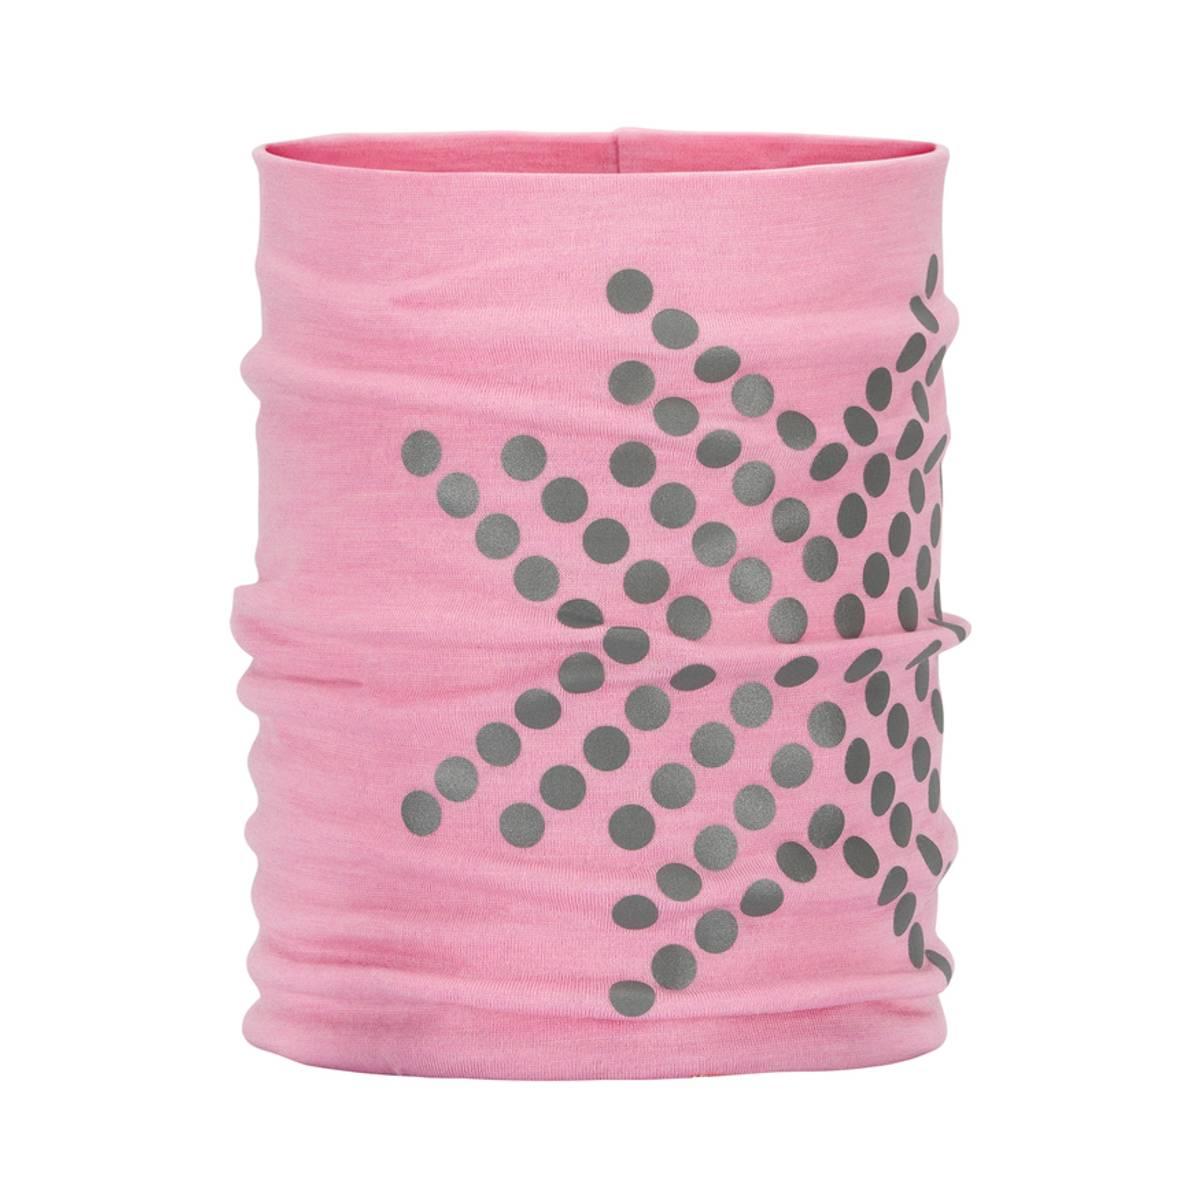 Morild Sølvfaks hals med refleks, lys rosa